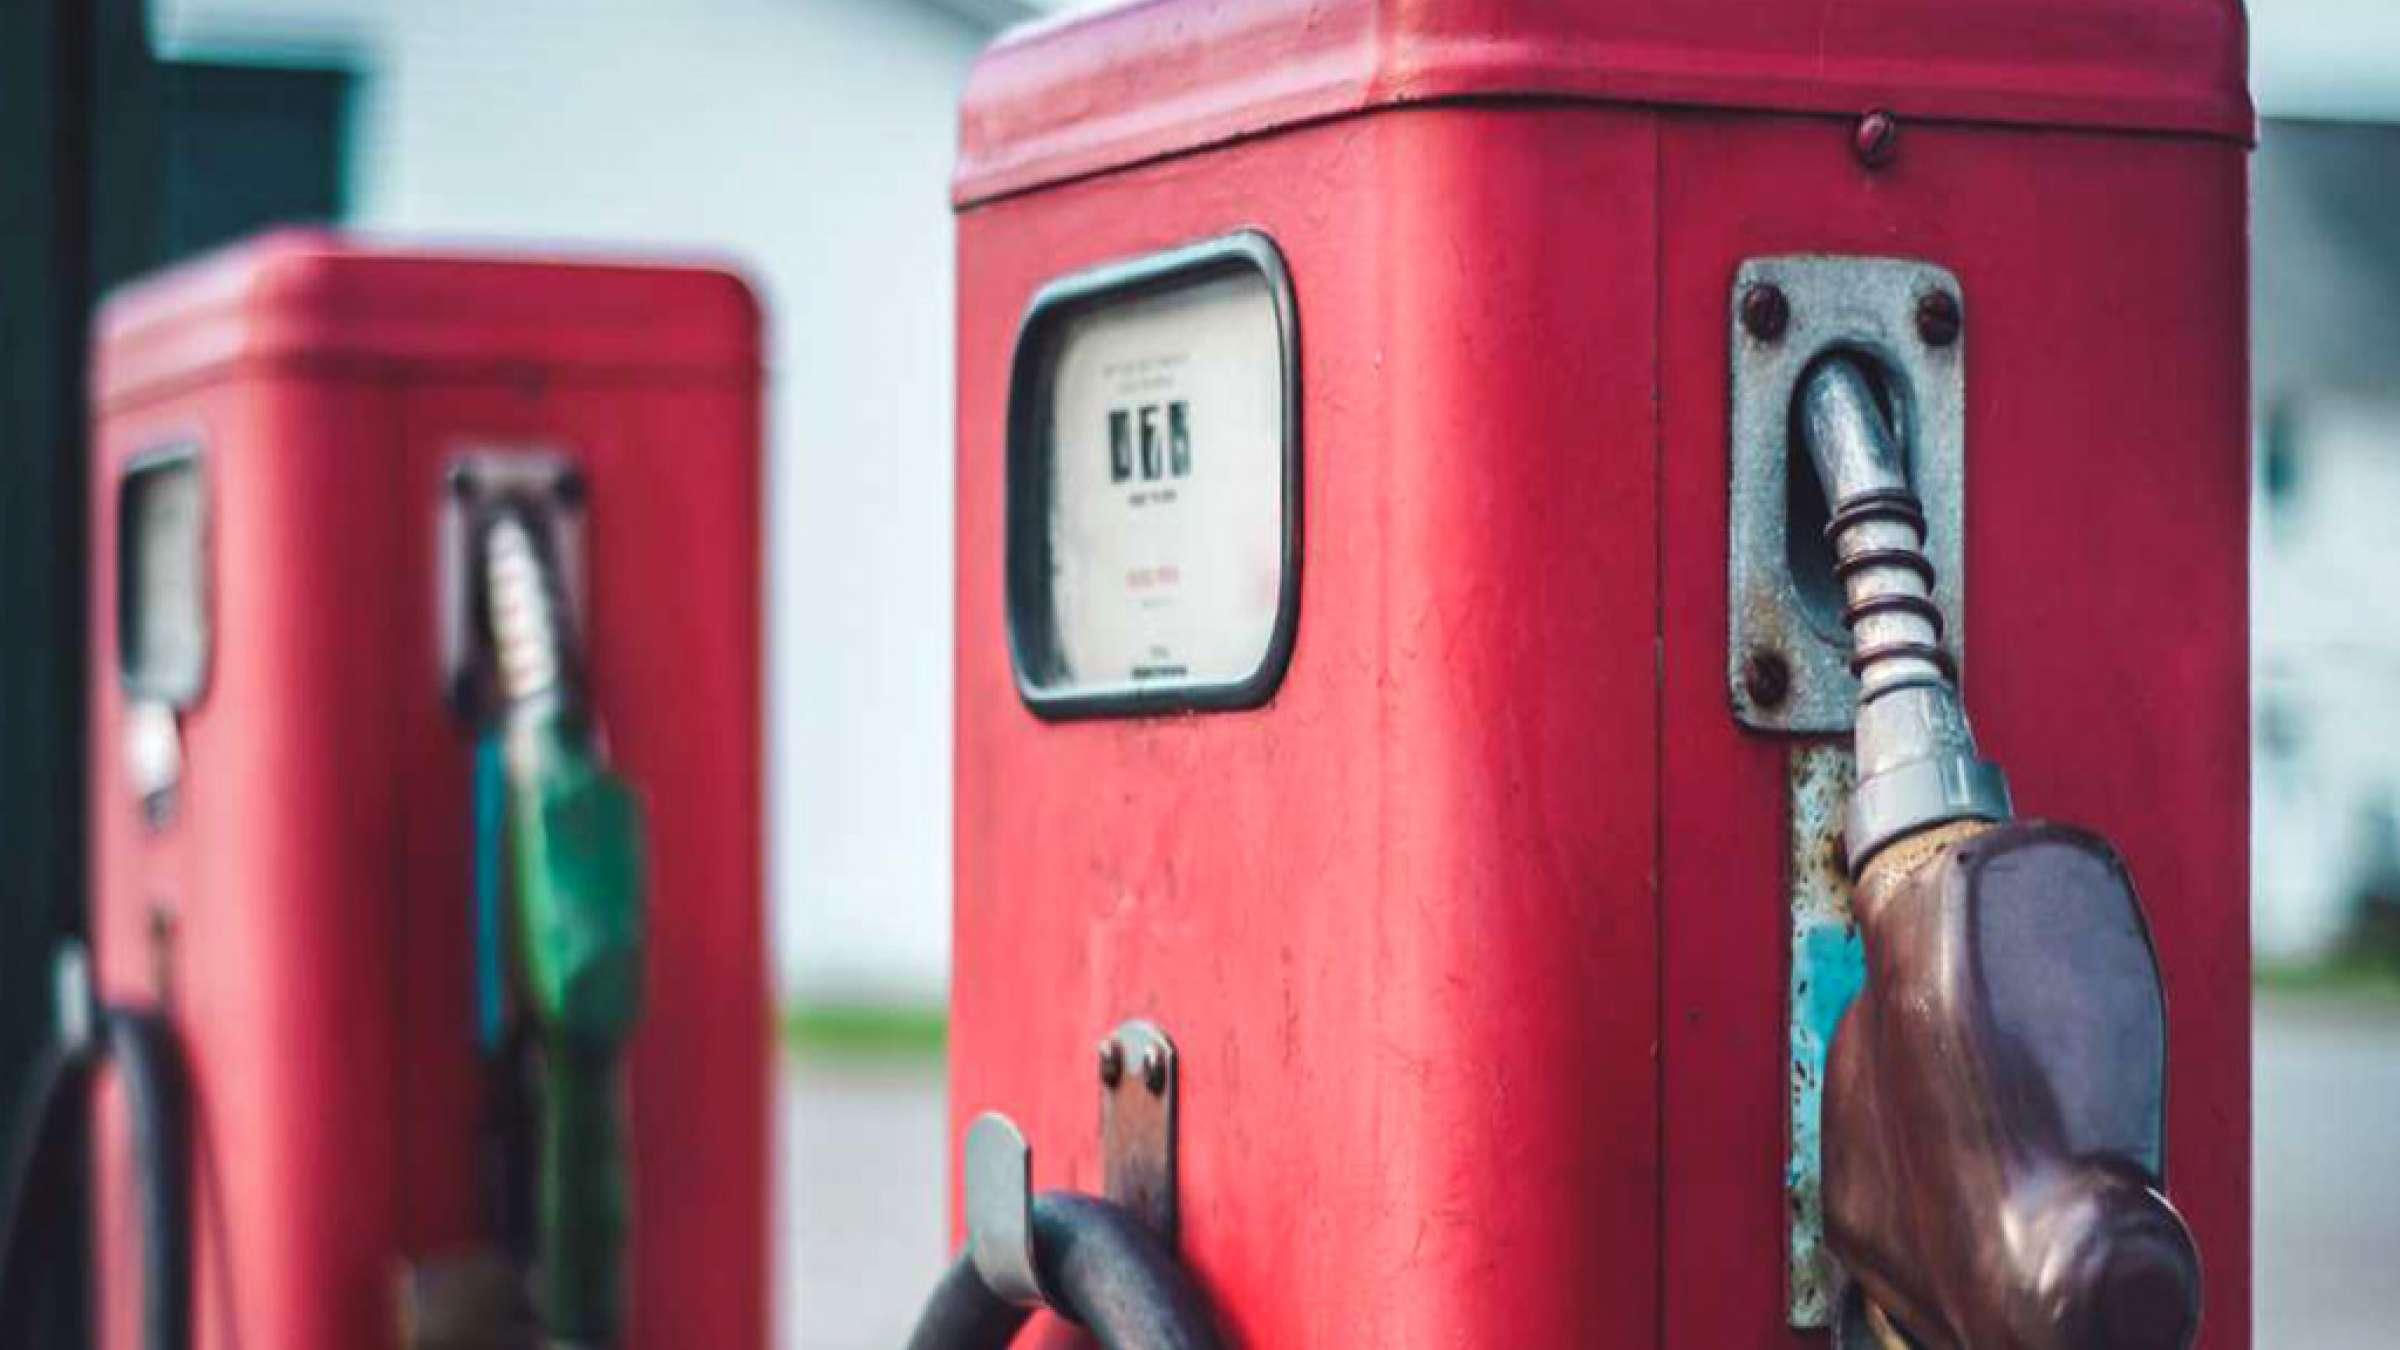 news-gheimat-benzin-canada-up